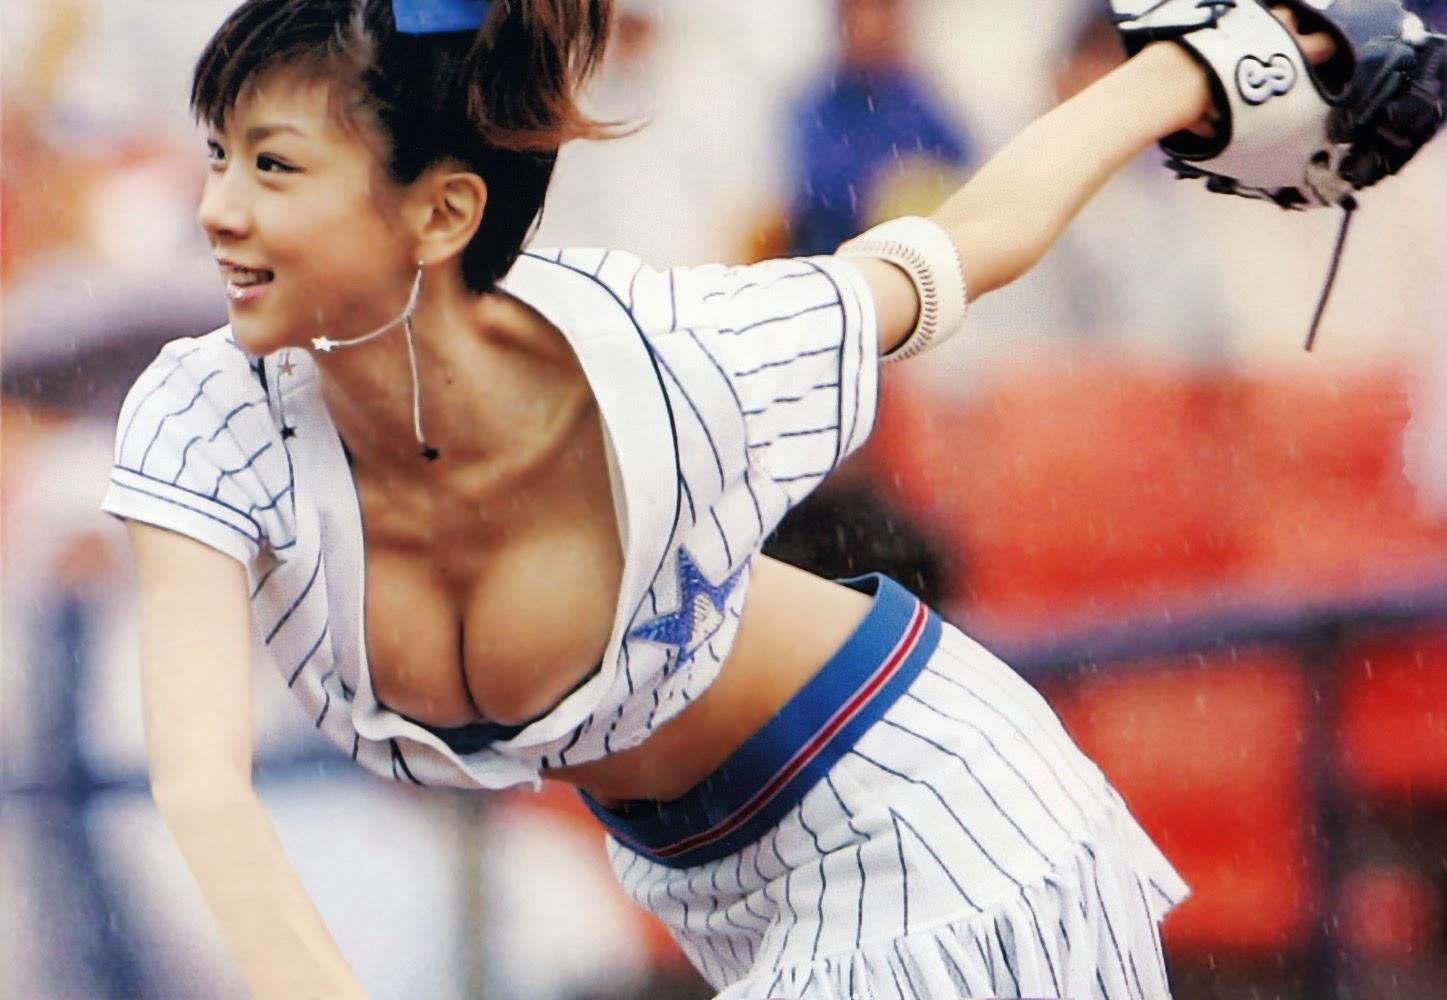 Las jugadoras de baseball desnudas más explosivas